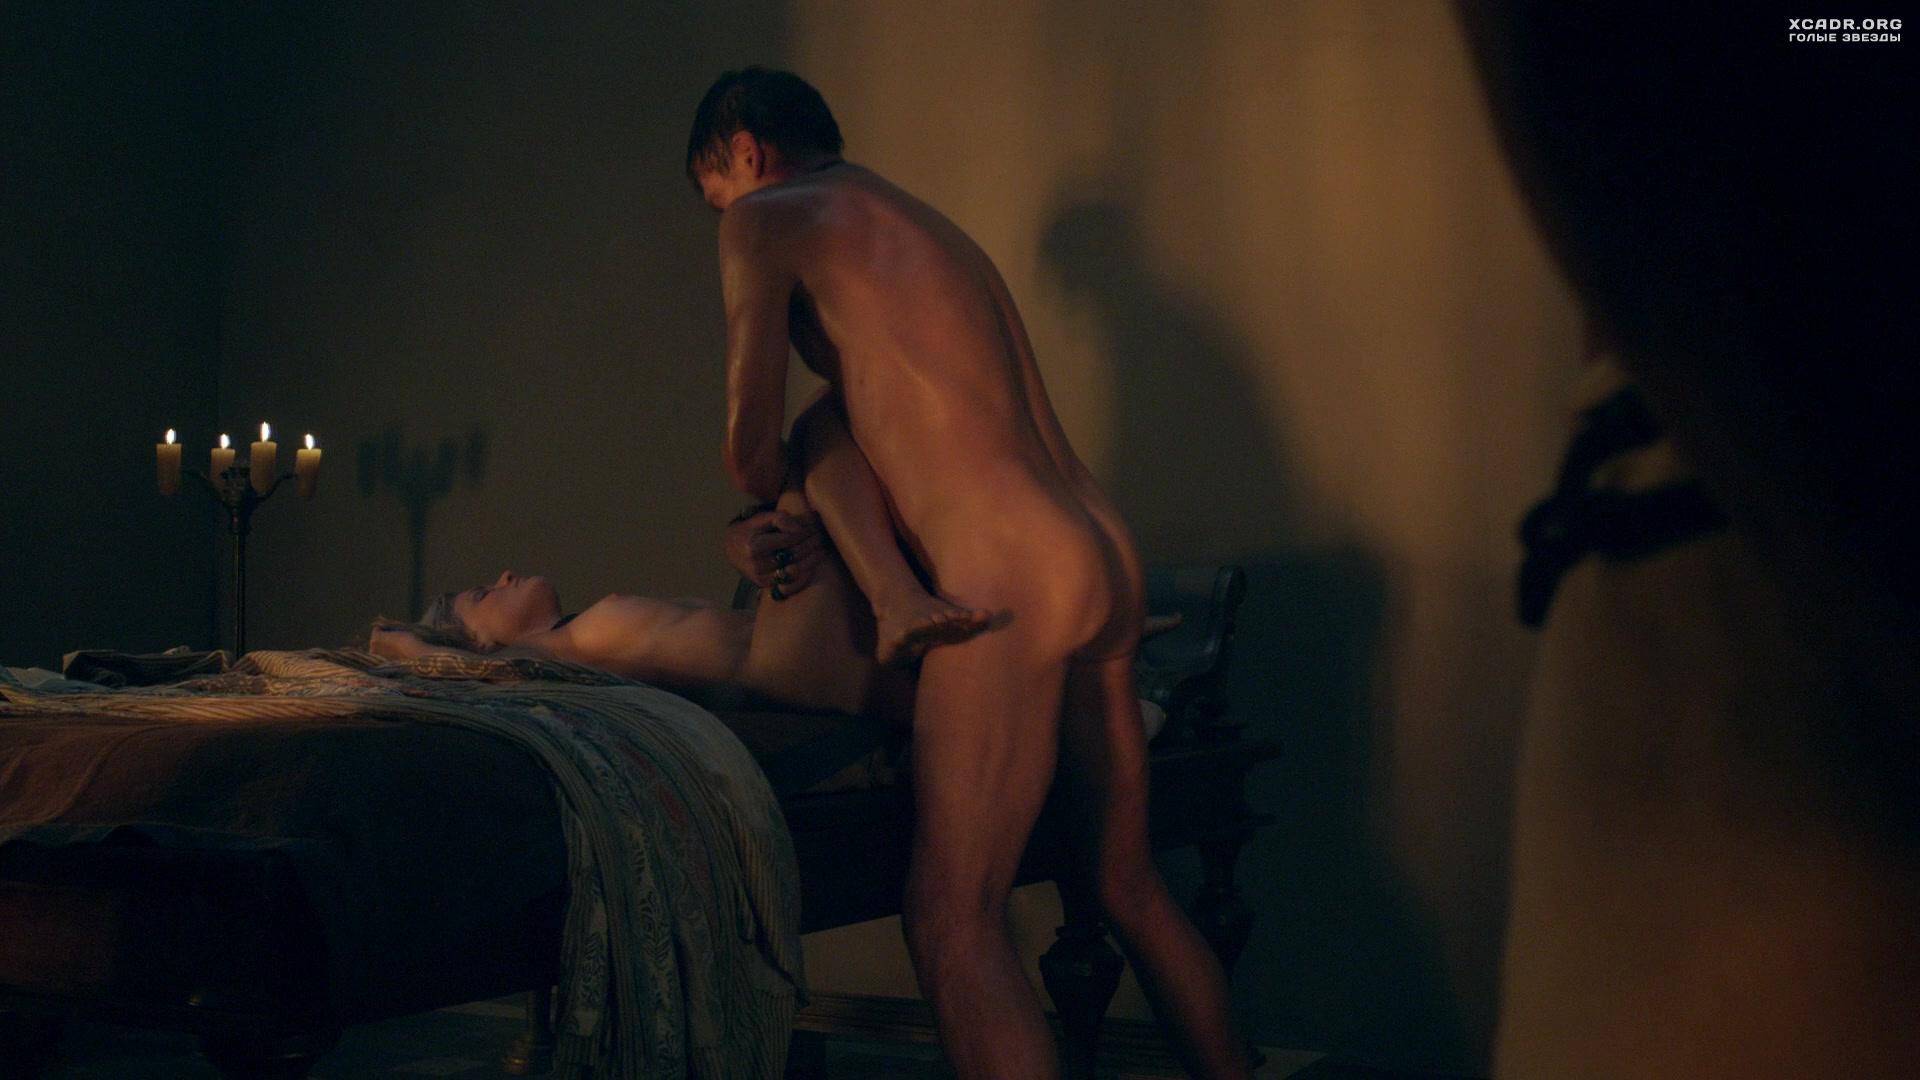 stseni-porno-video-iz-kino-seks-smotret-luchshee